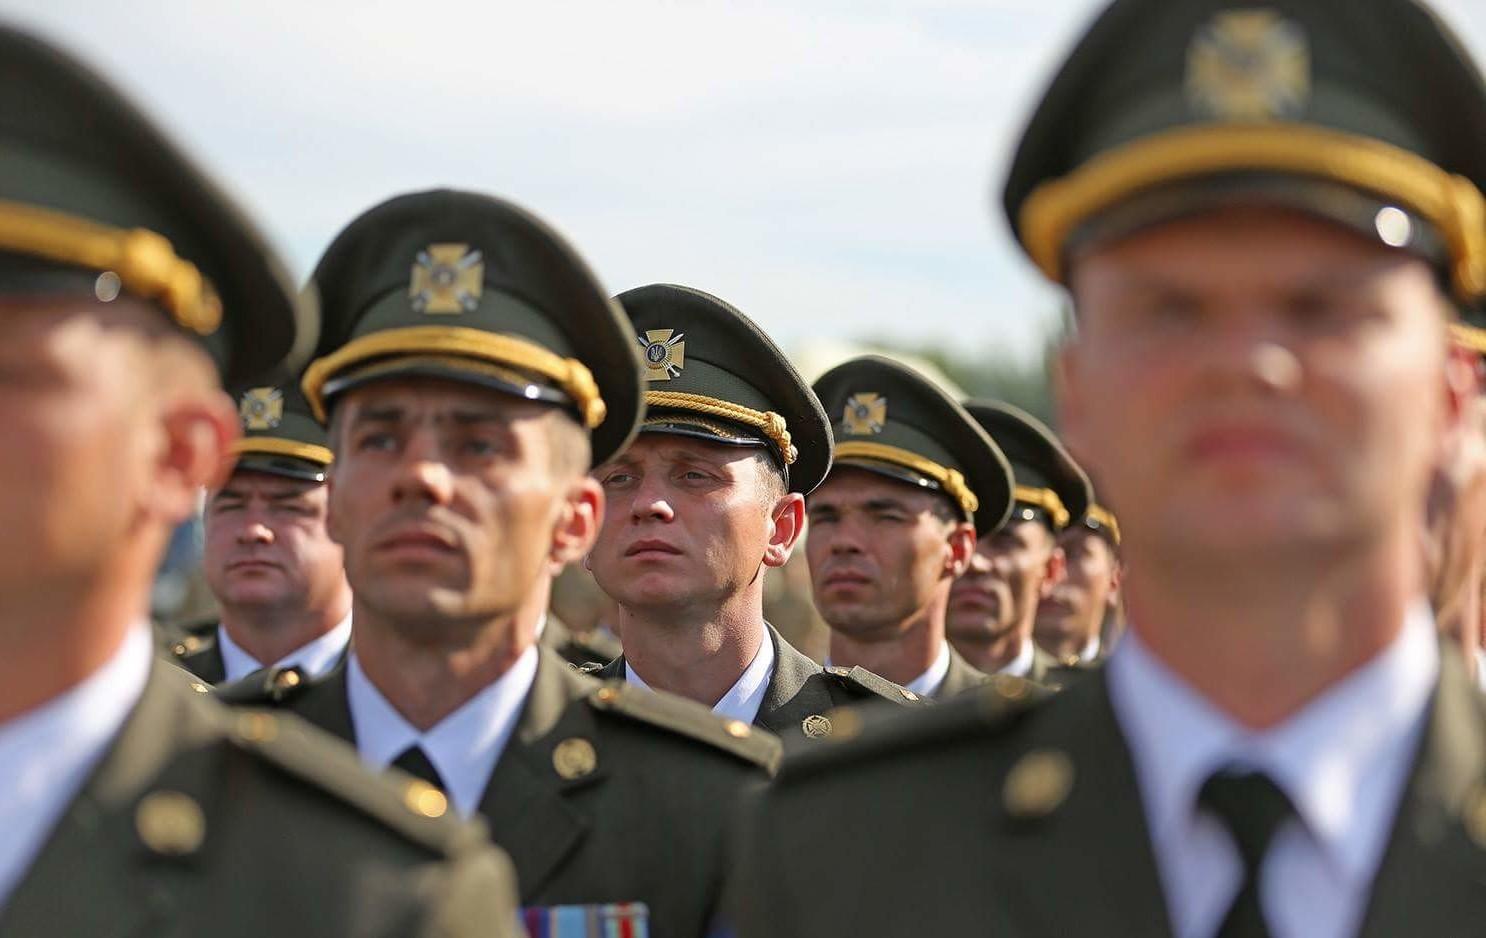 Призов на військову службу офіцерів запасу: кому надається відстрочка? -  - 13975359 616065205228486 1490131975311005434 o 1500x1000 a1f7